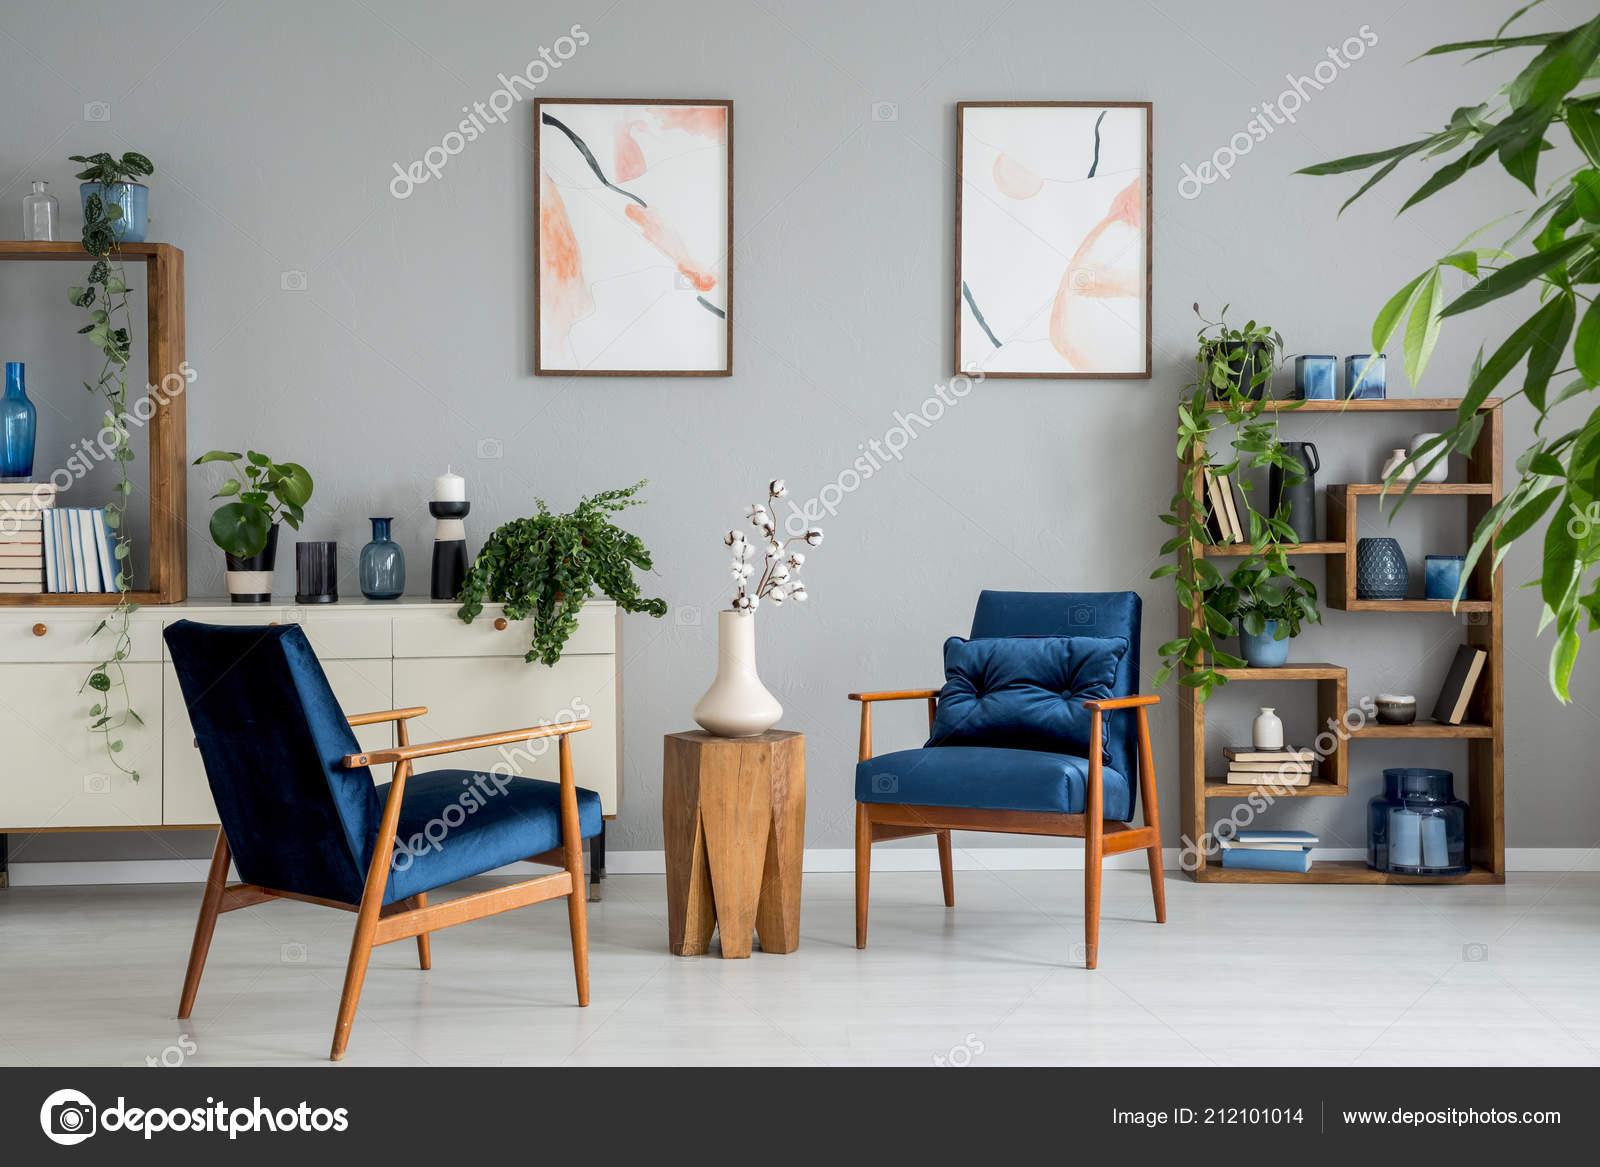 Posters In Interieur : Posters canapé intérieur salon arrière plan